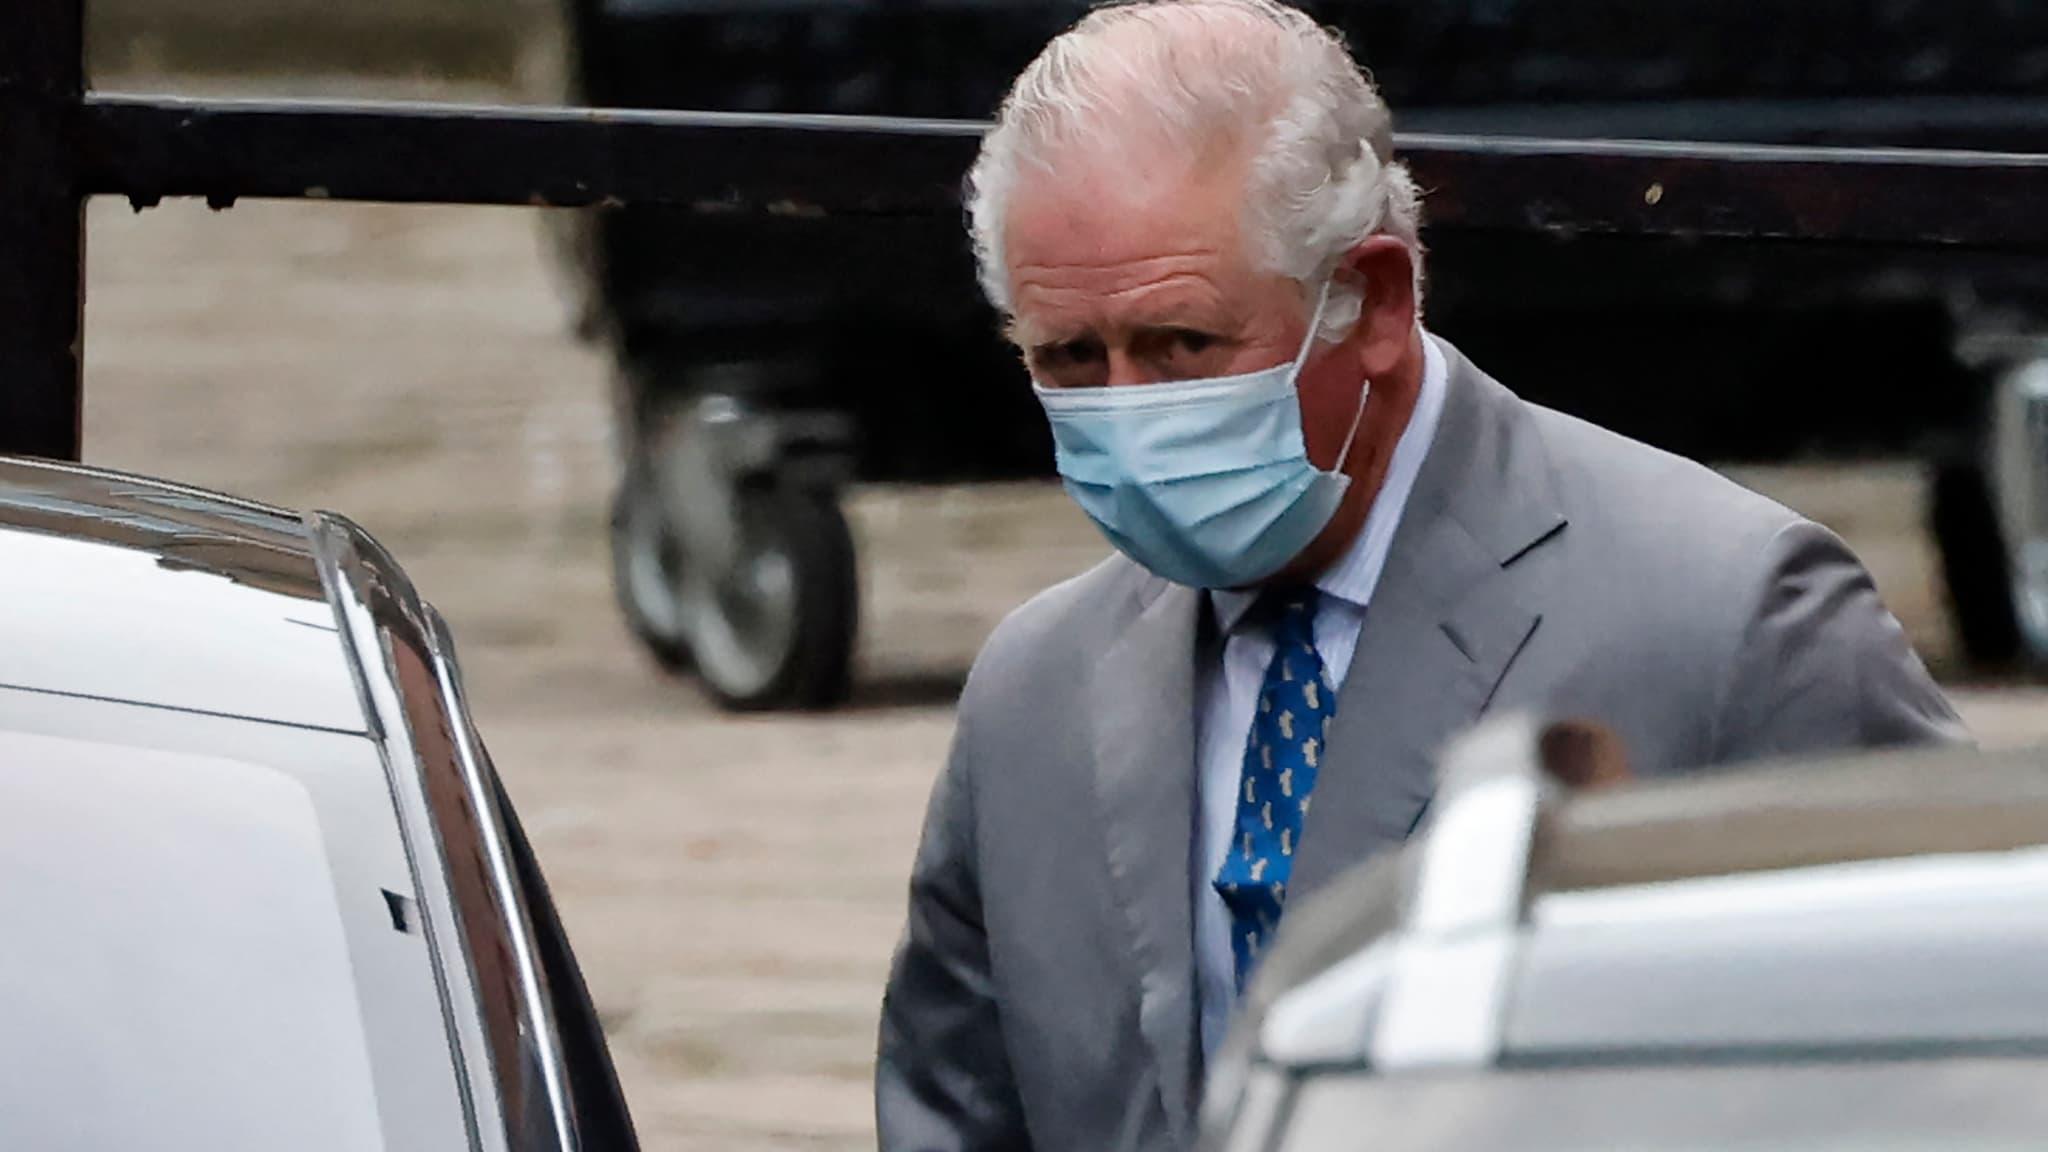 Le prince Charles rend visite à son père le prince Philip, hospitalisé - BFMTV